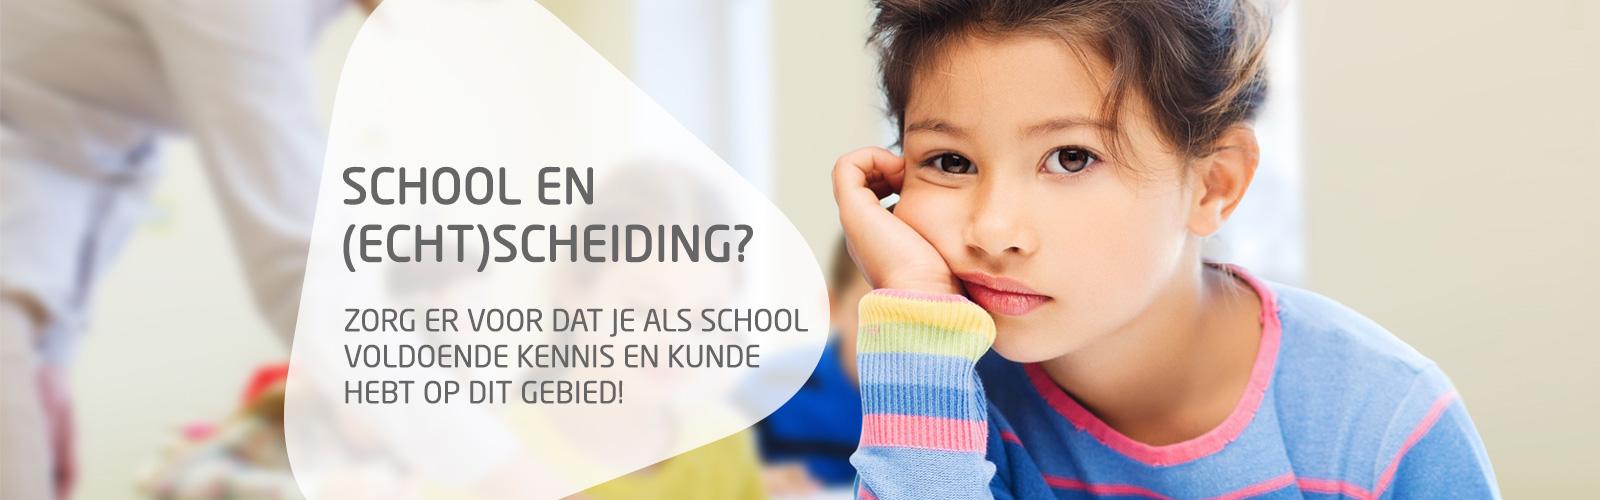 School en Echtscheiding?